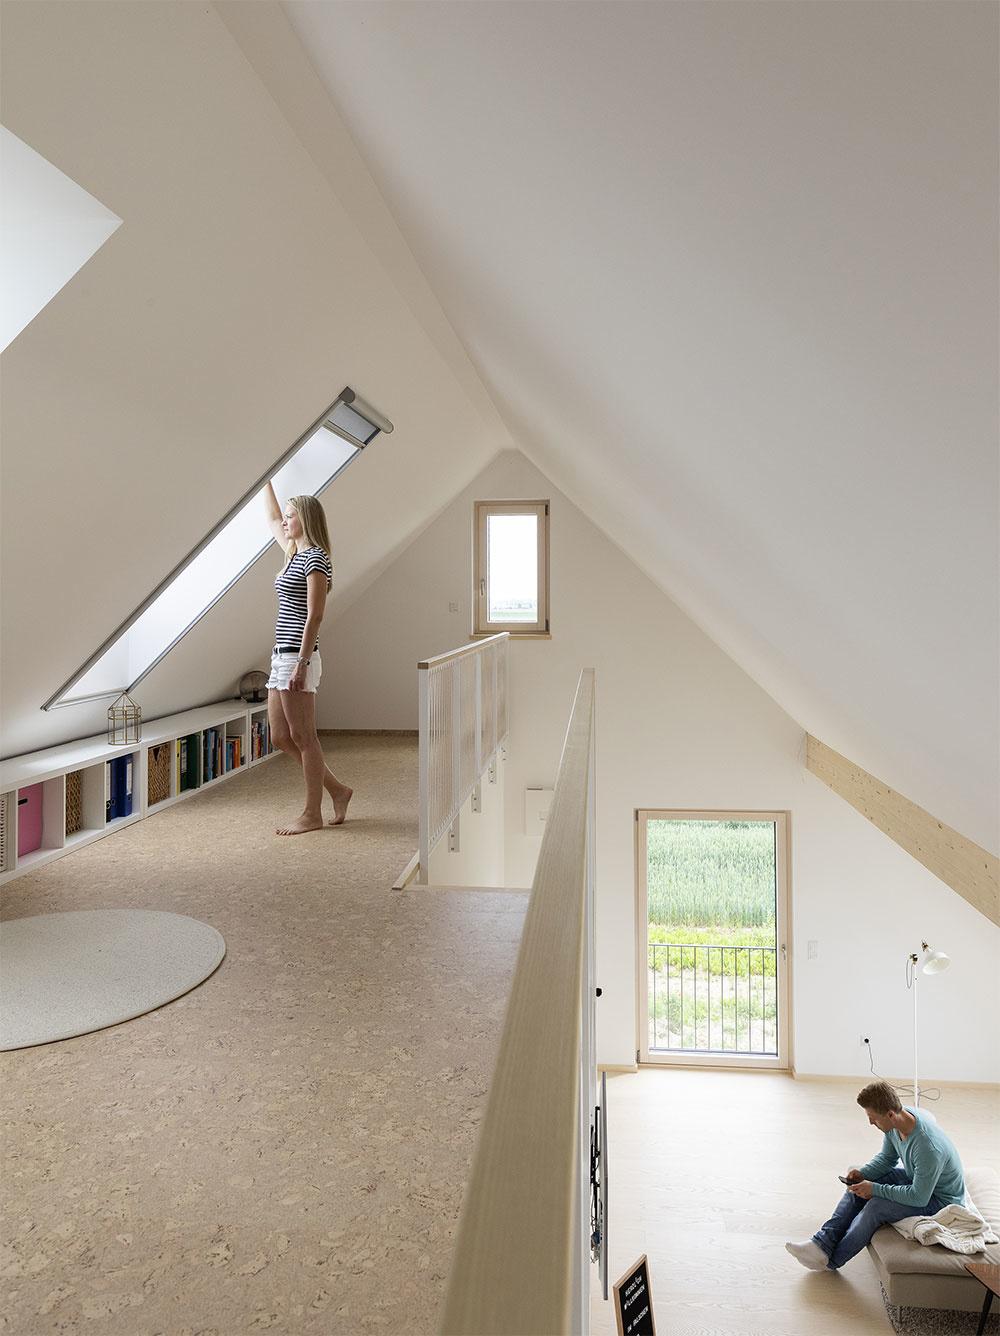 Okná otvorené naraz v dvoch úrovniach nad sebou spôsobia tzv. komínový efekt, vďaka ktorému vyvetráte účinnejšie.